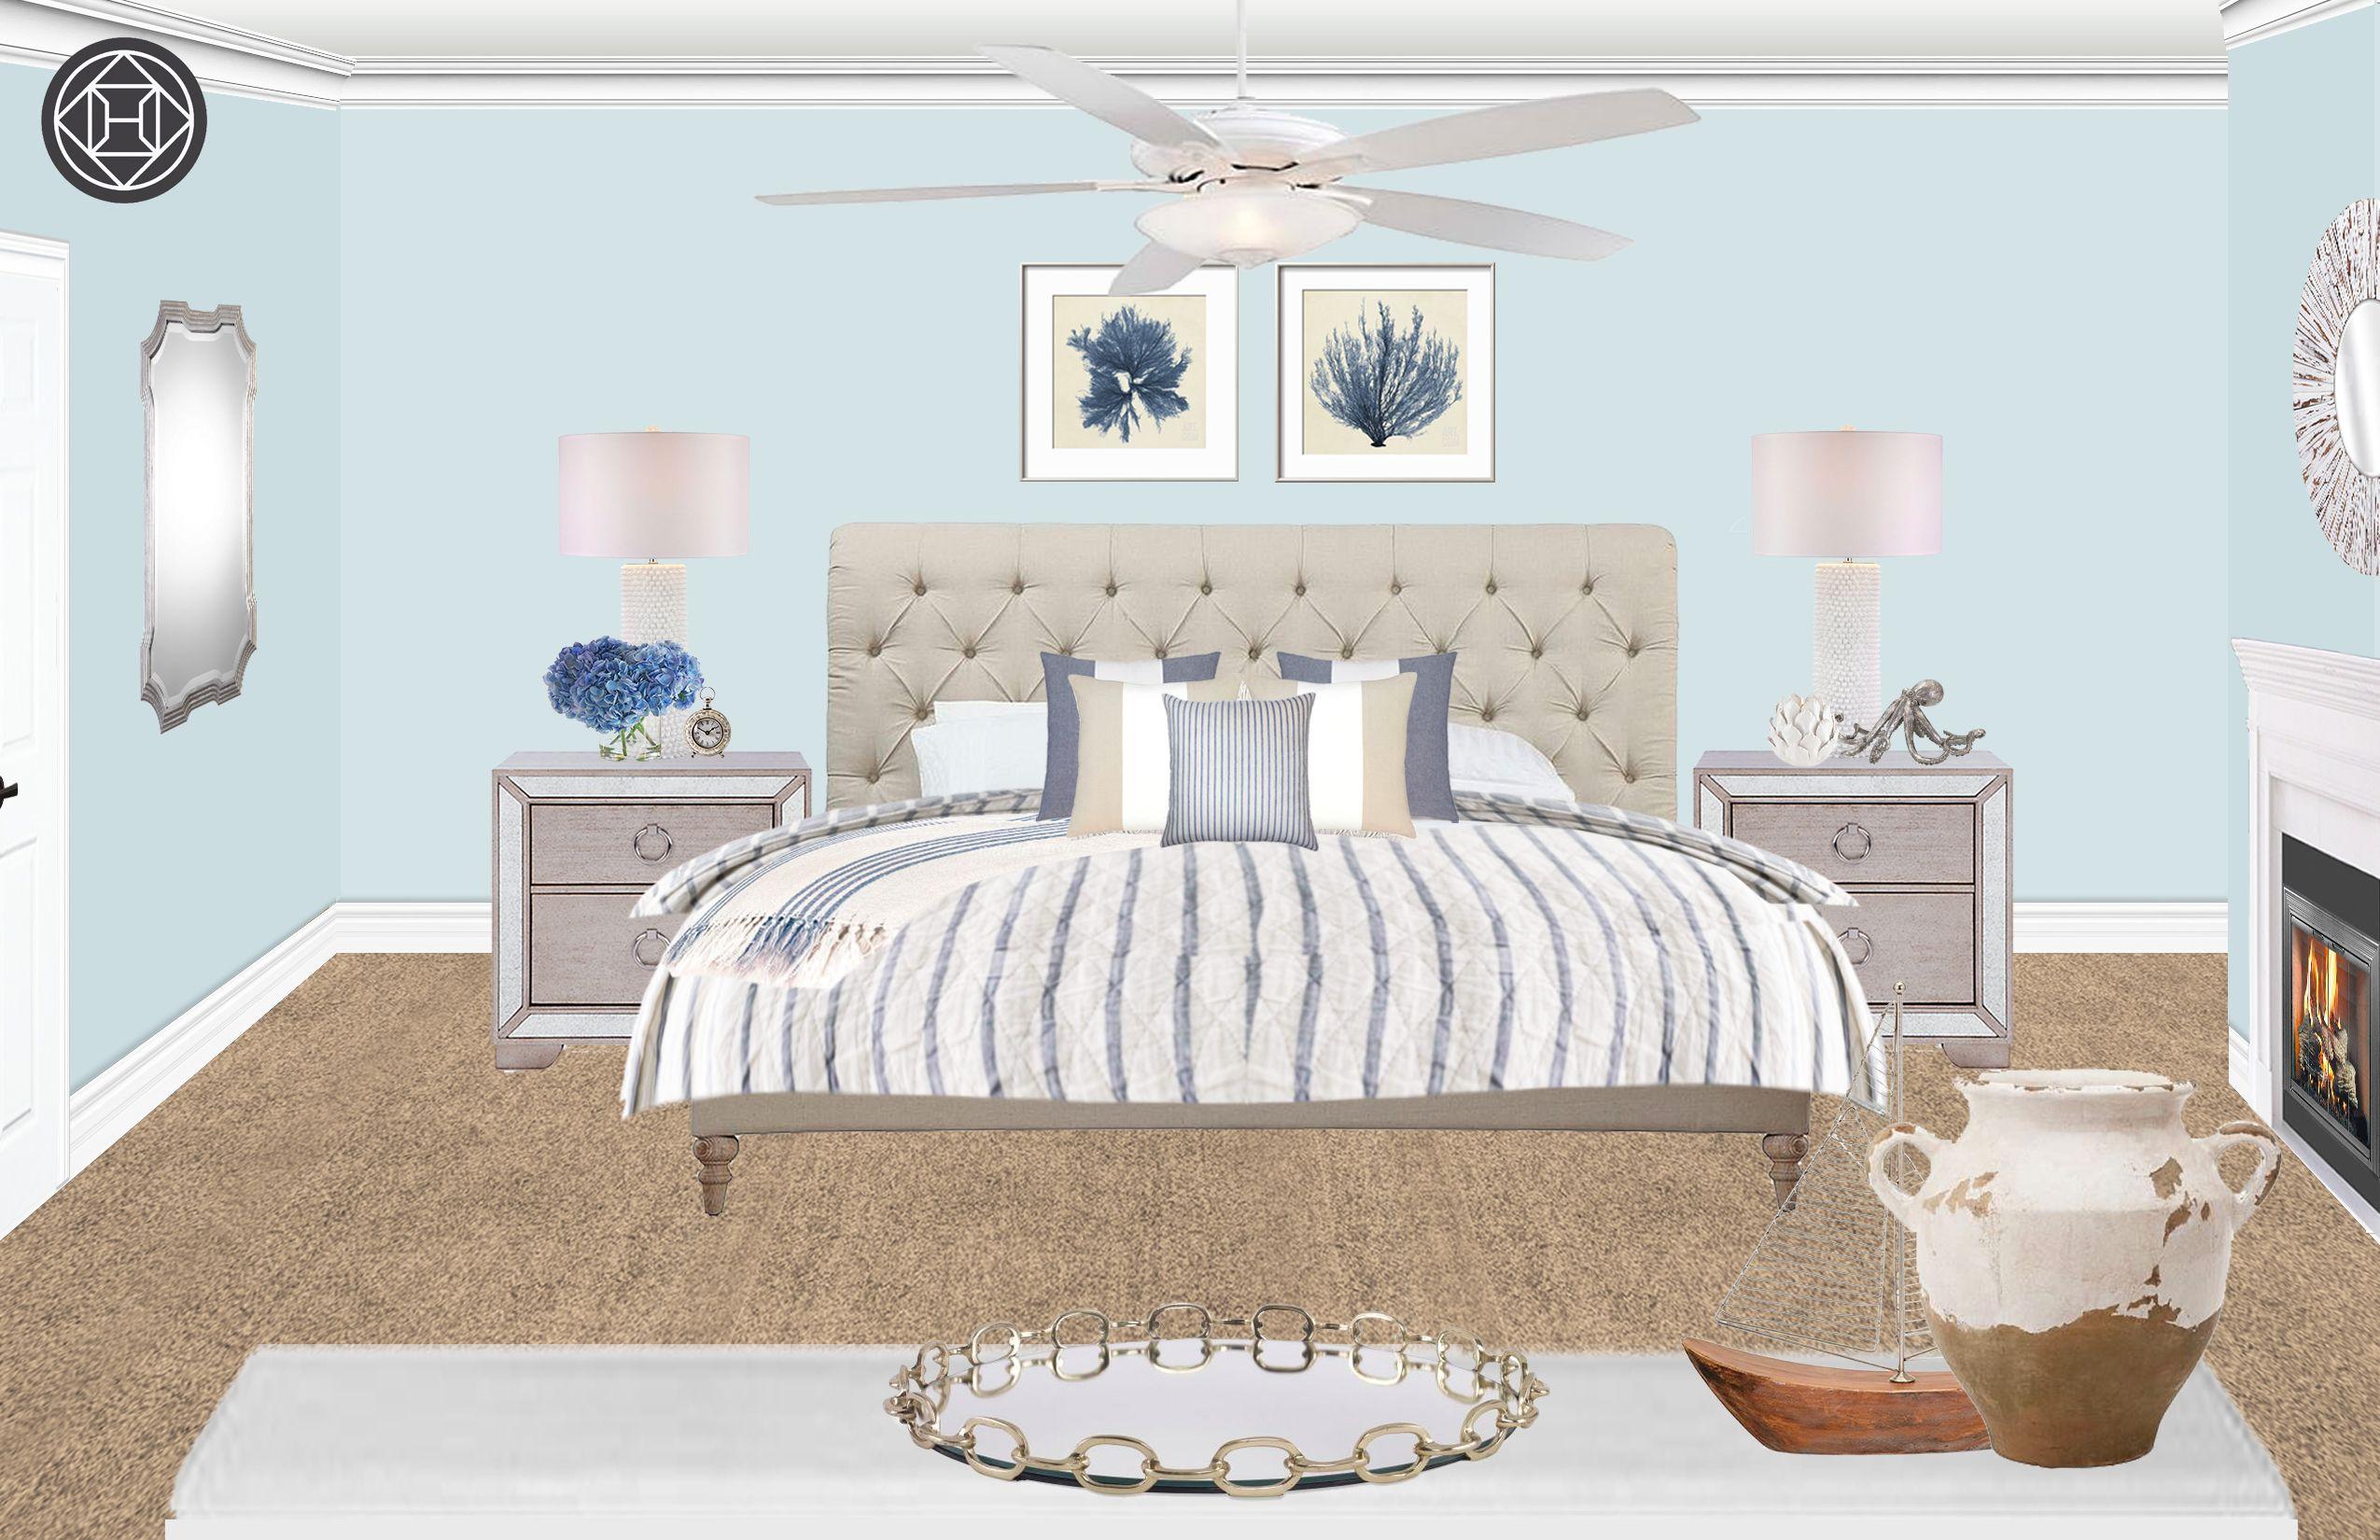 Coastal, Preppy Bedroom Design by Havenly Interior ...